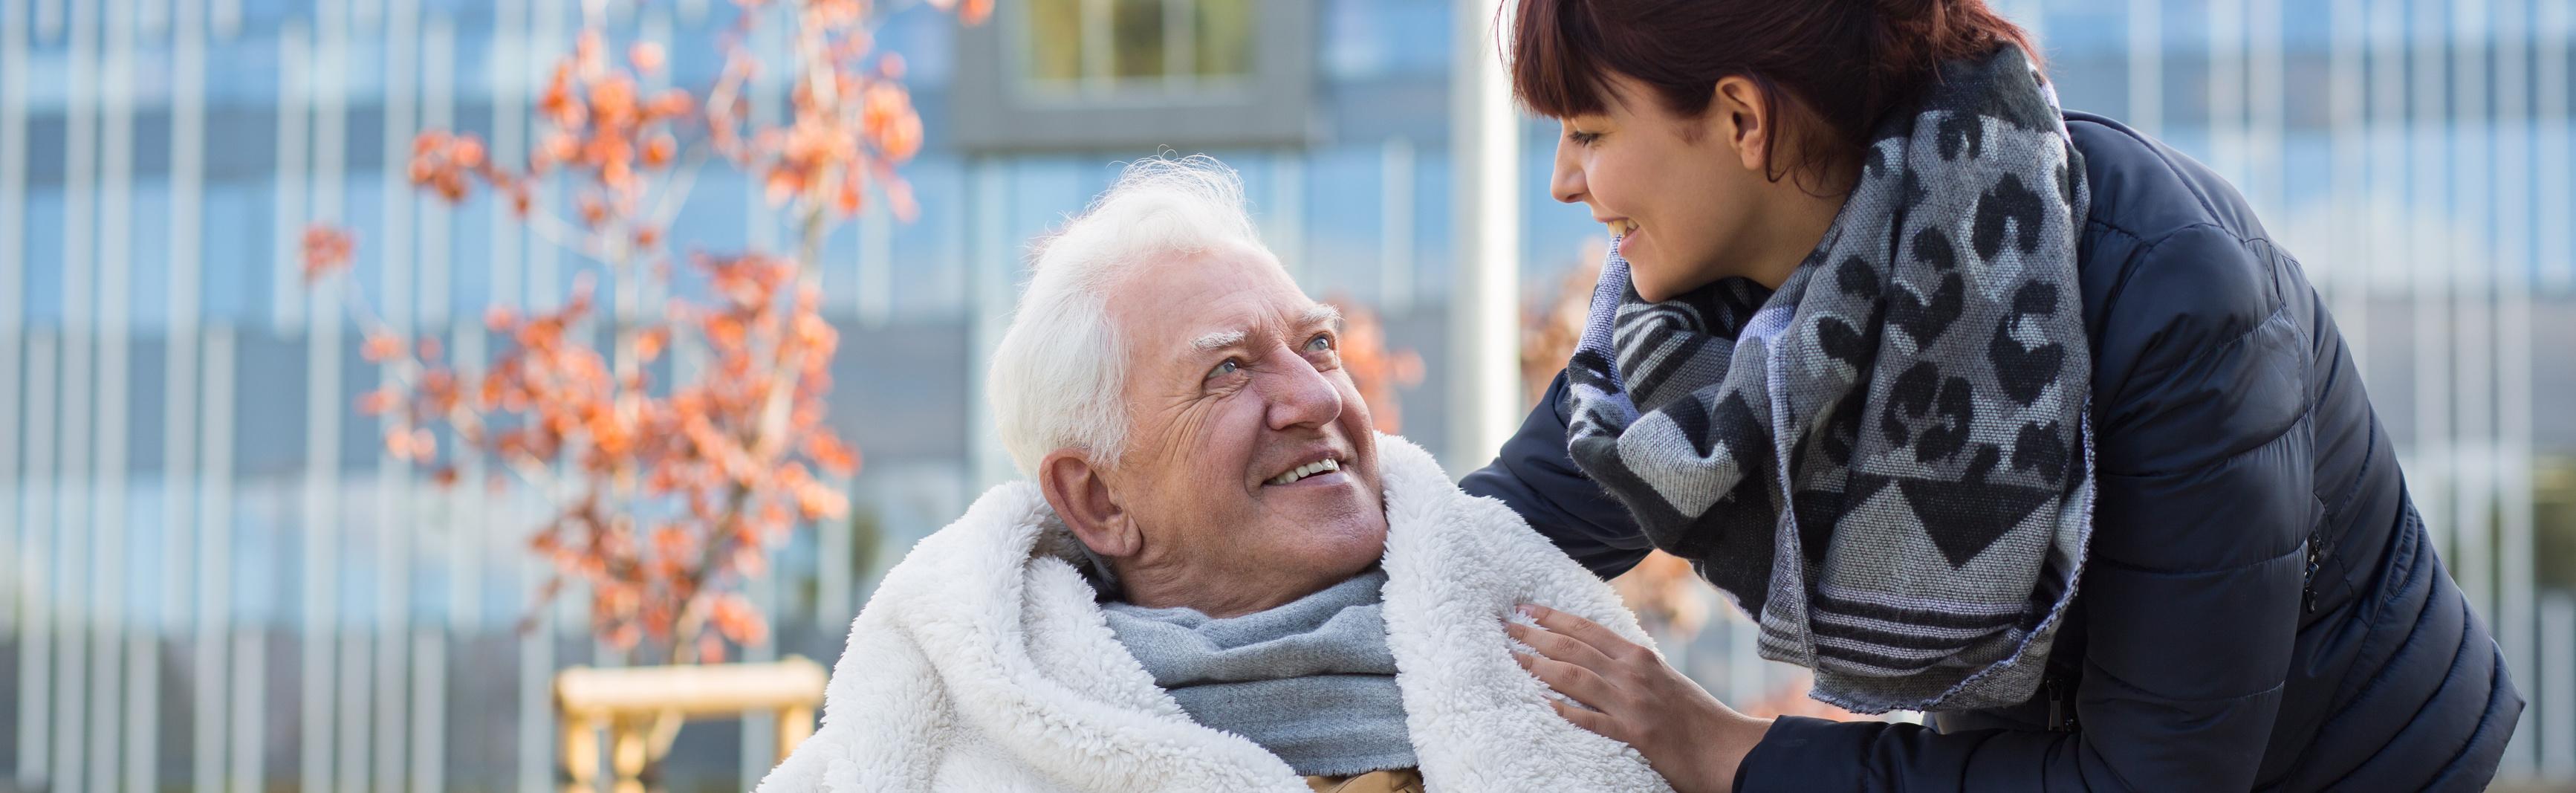 24 Stunden Pflege - die Alternative zum Altersheim